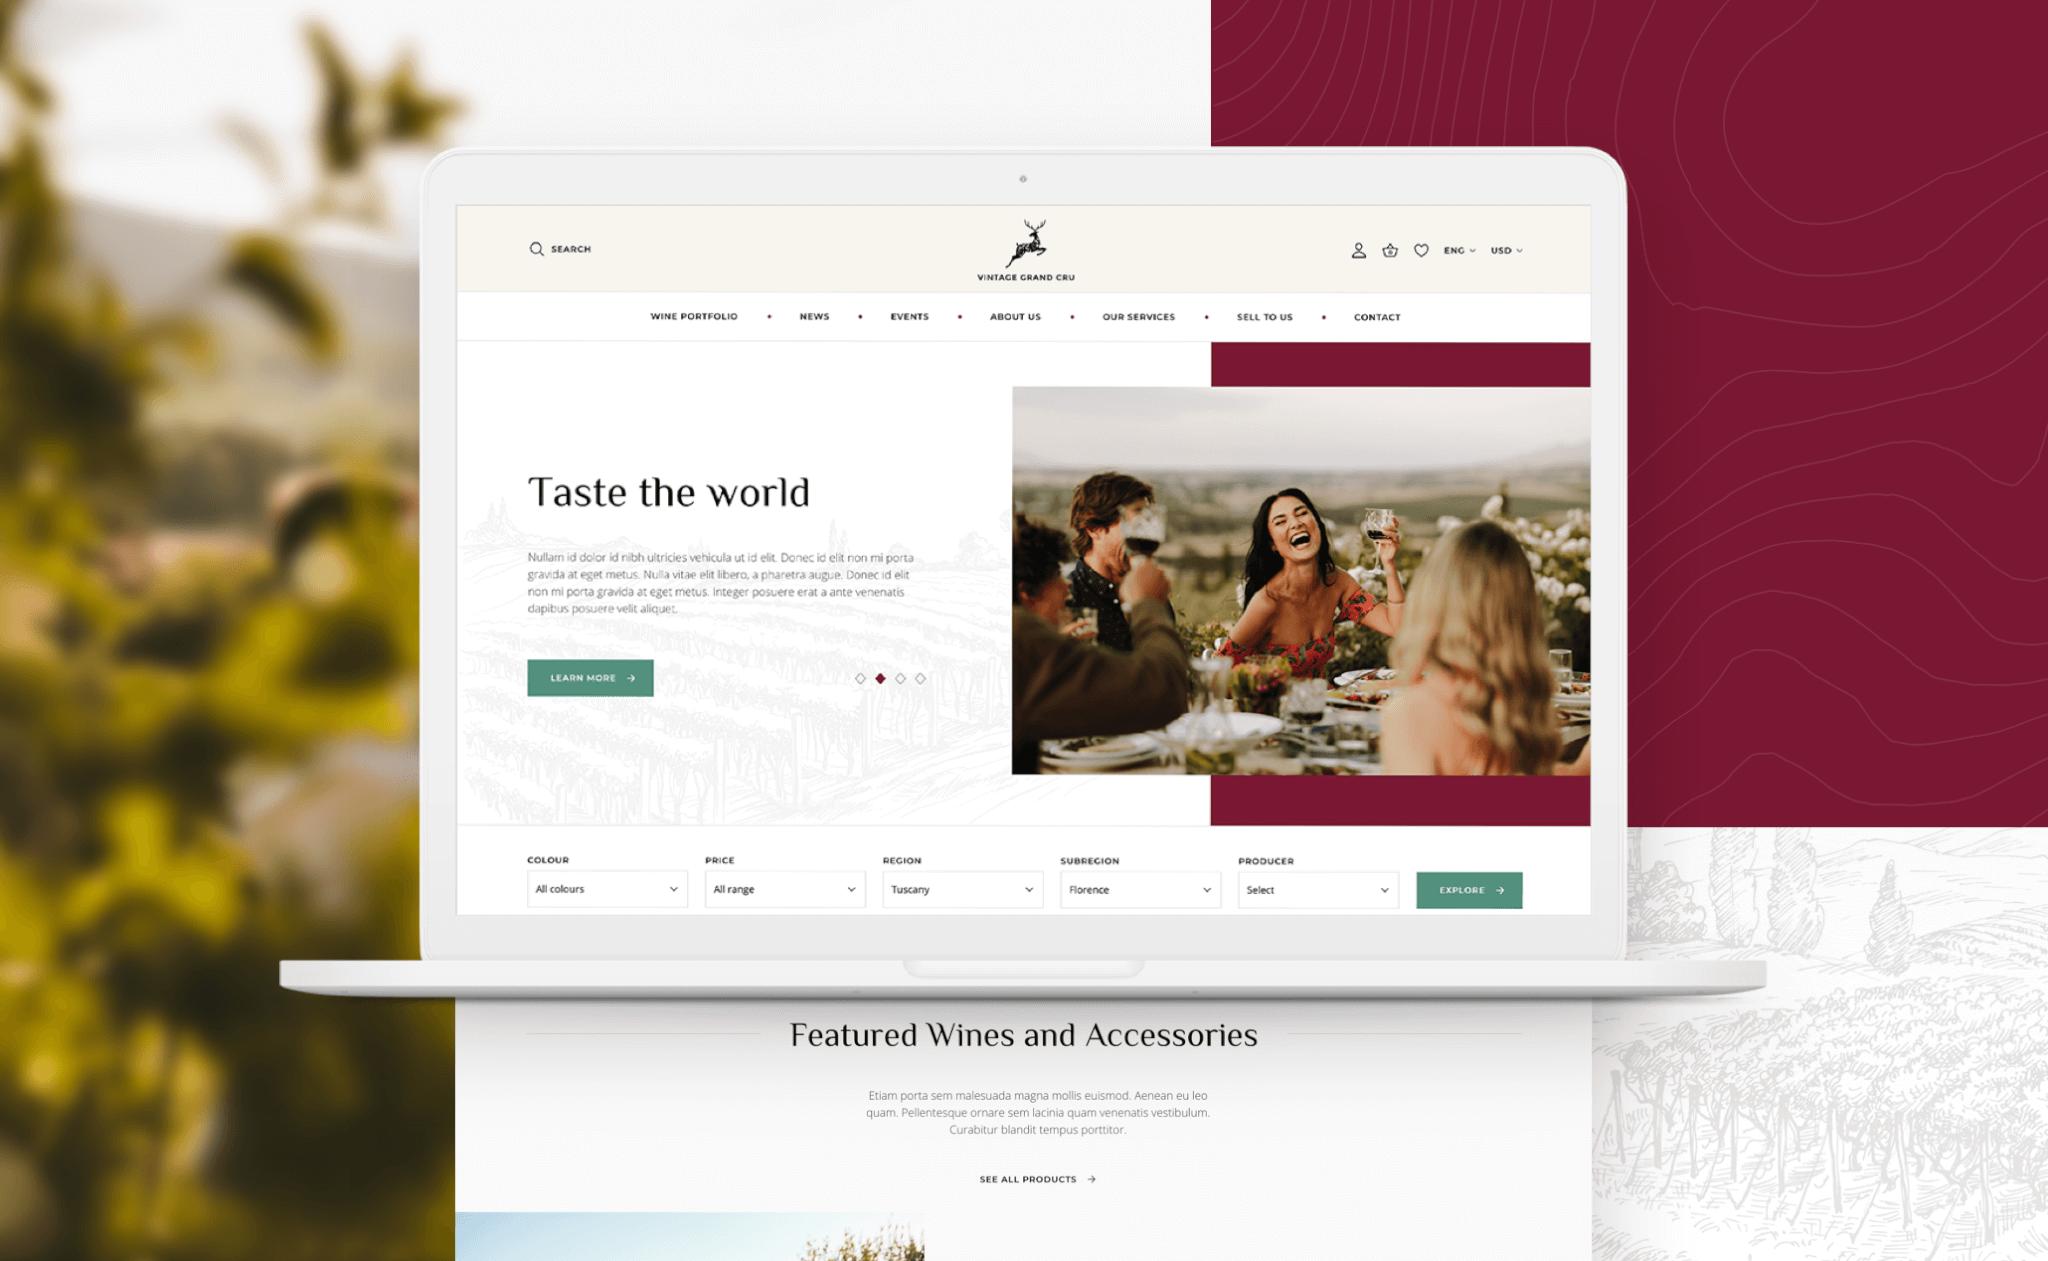 Vintage Grand Cru website design project